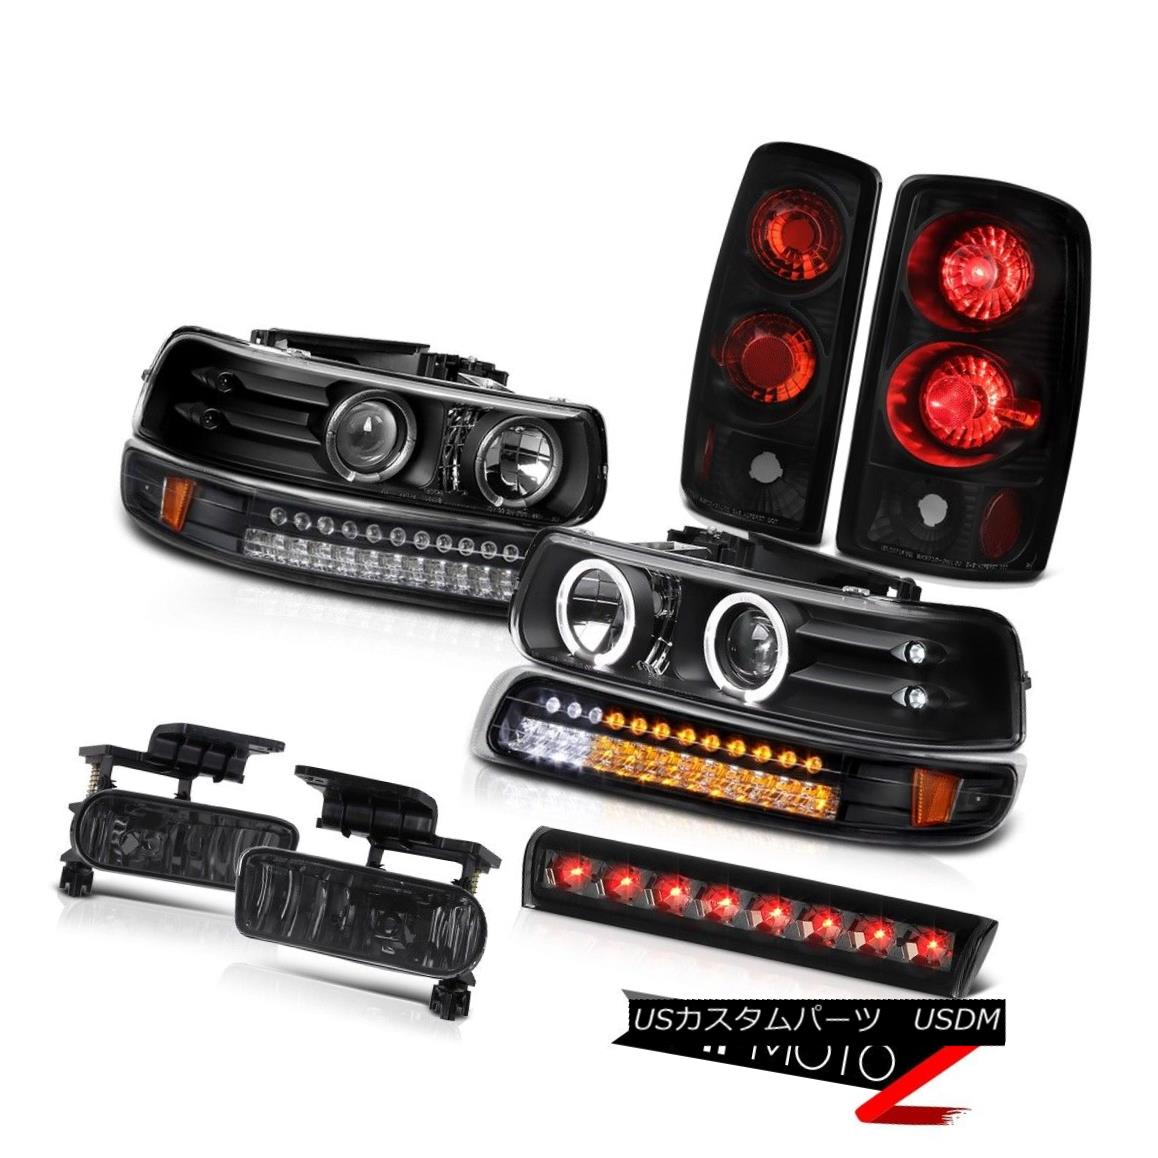 テールライト 00-06 Chevy Suburban Z71 Headlights bumper light tail lights fog lamps 3rd brake 00-06シボレー郊外Z71ヘッドライトバンパーライトテールライトフォグランプ第3ブレーキ